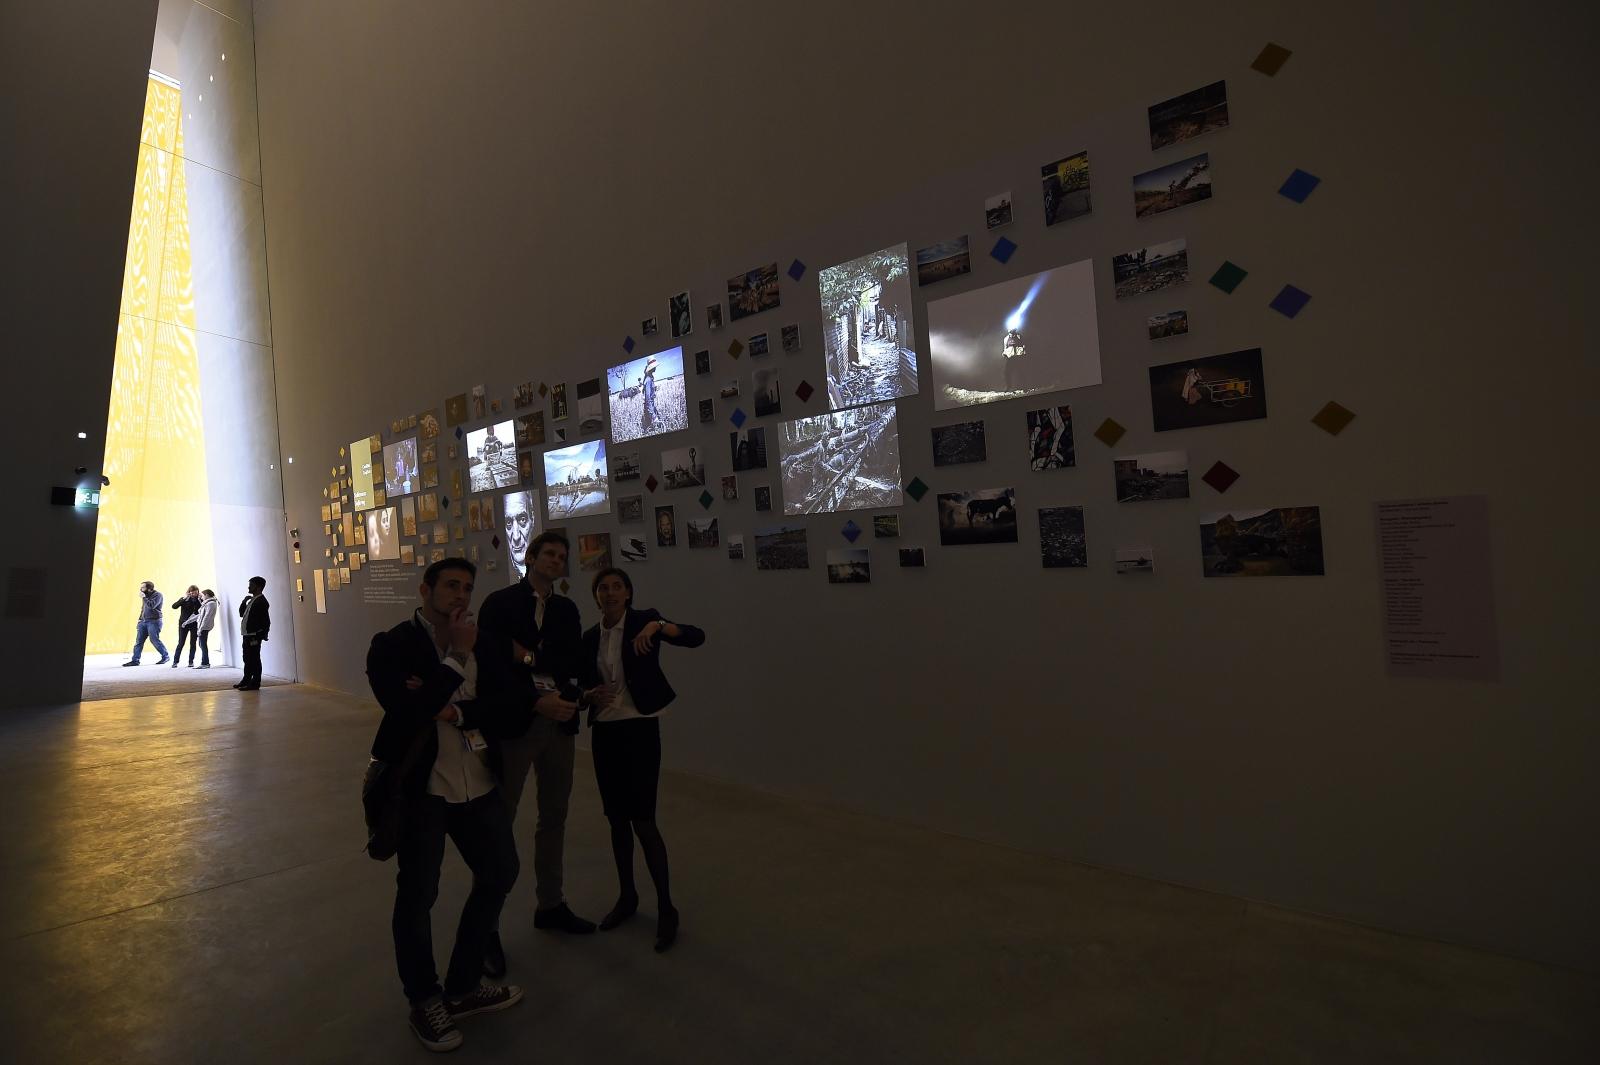 Expo Milano 2015 Vatican